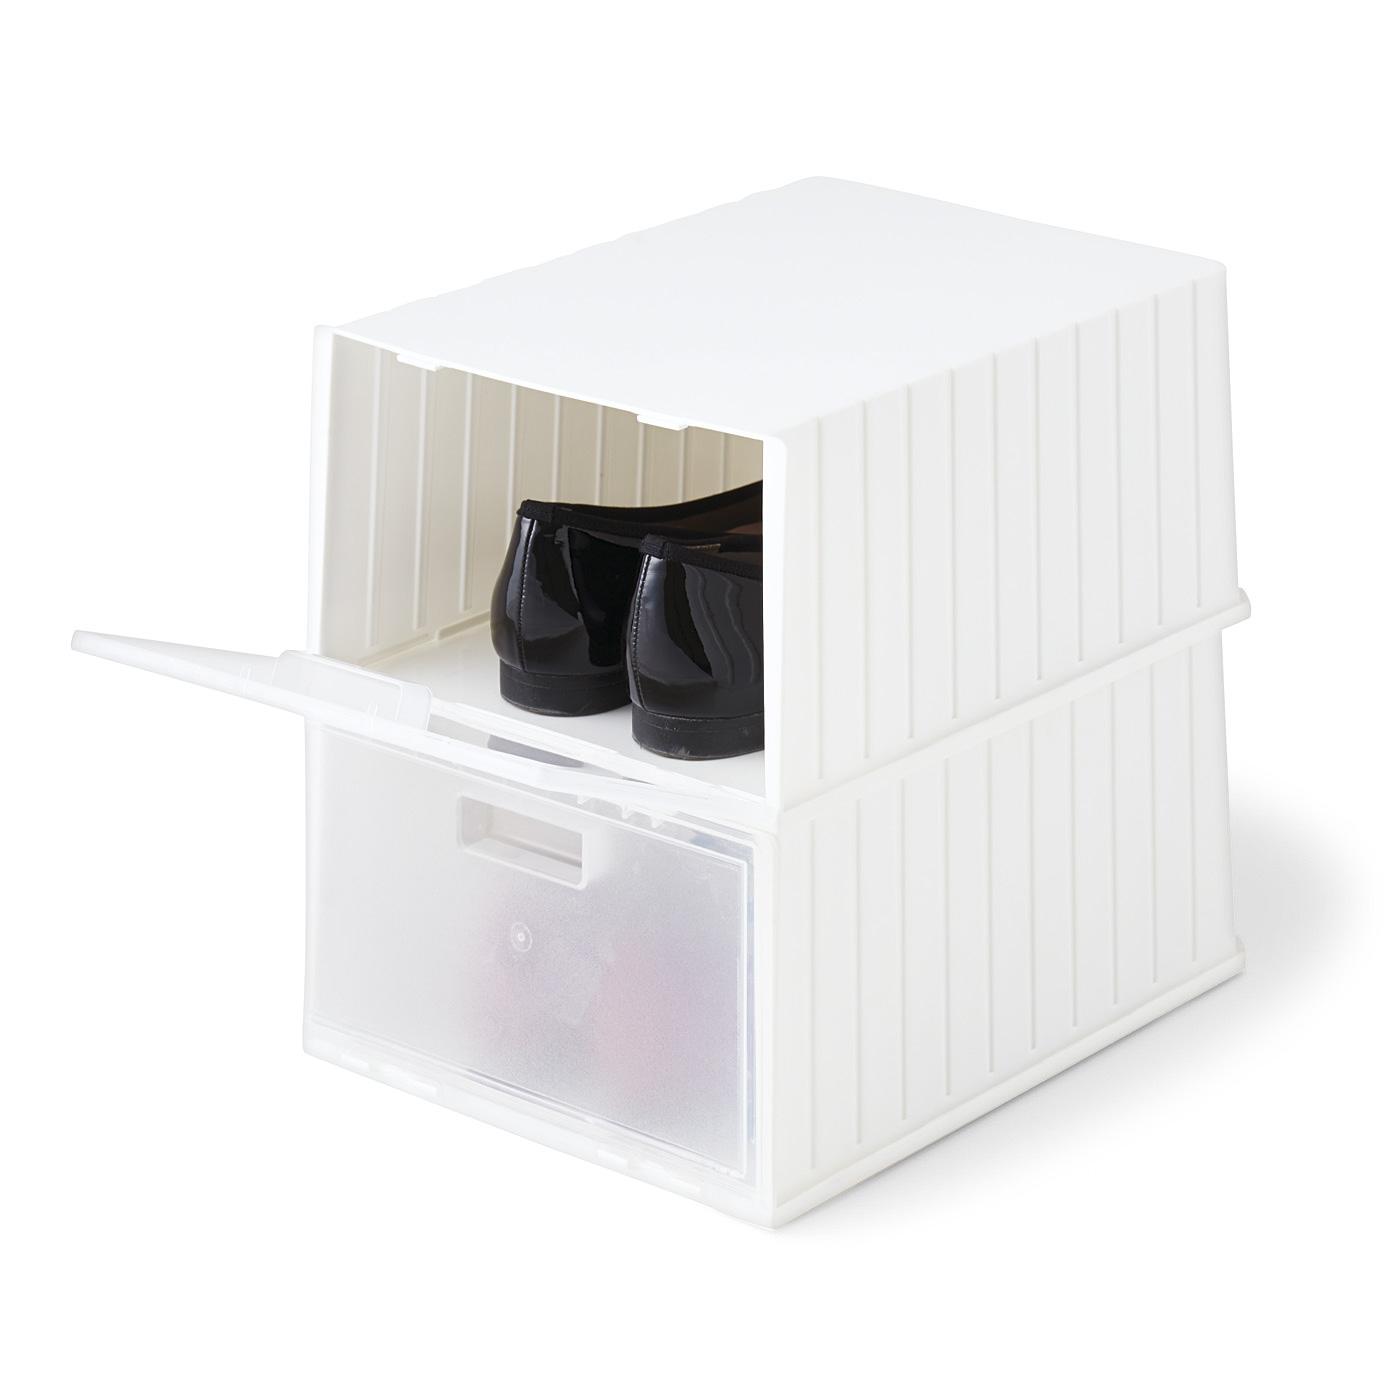 フェリシモ 重ねて前からふたが開けられる シューズボックス〈ホワイト〉2個セットの会